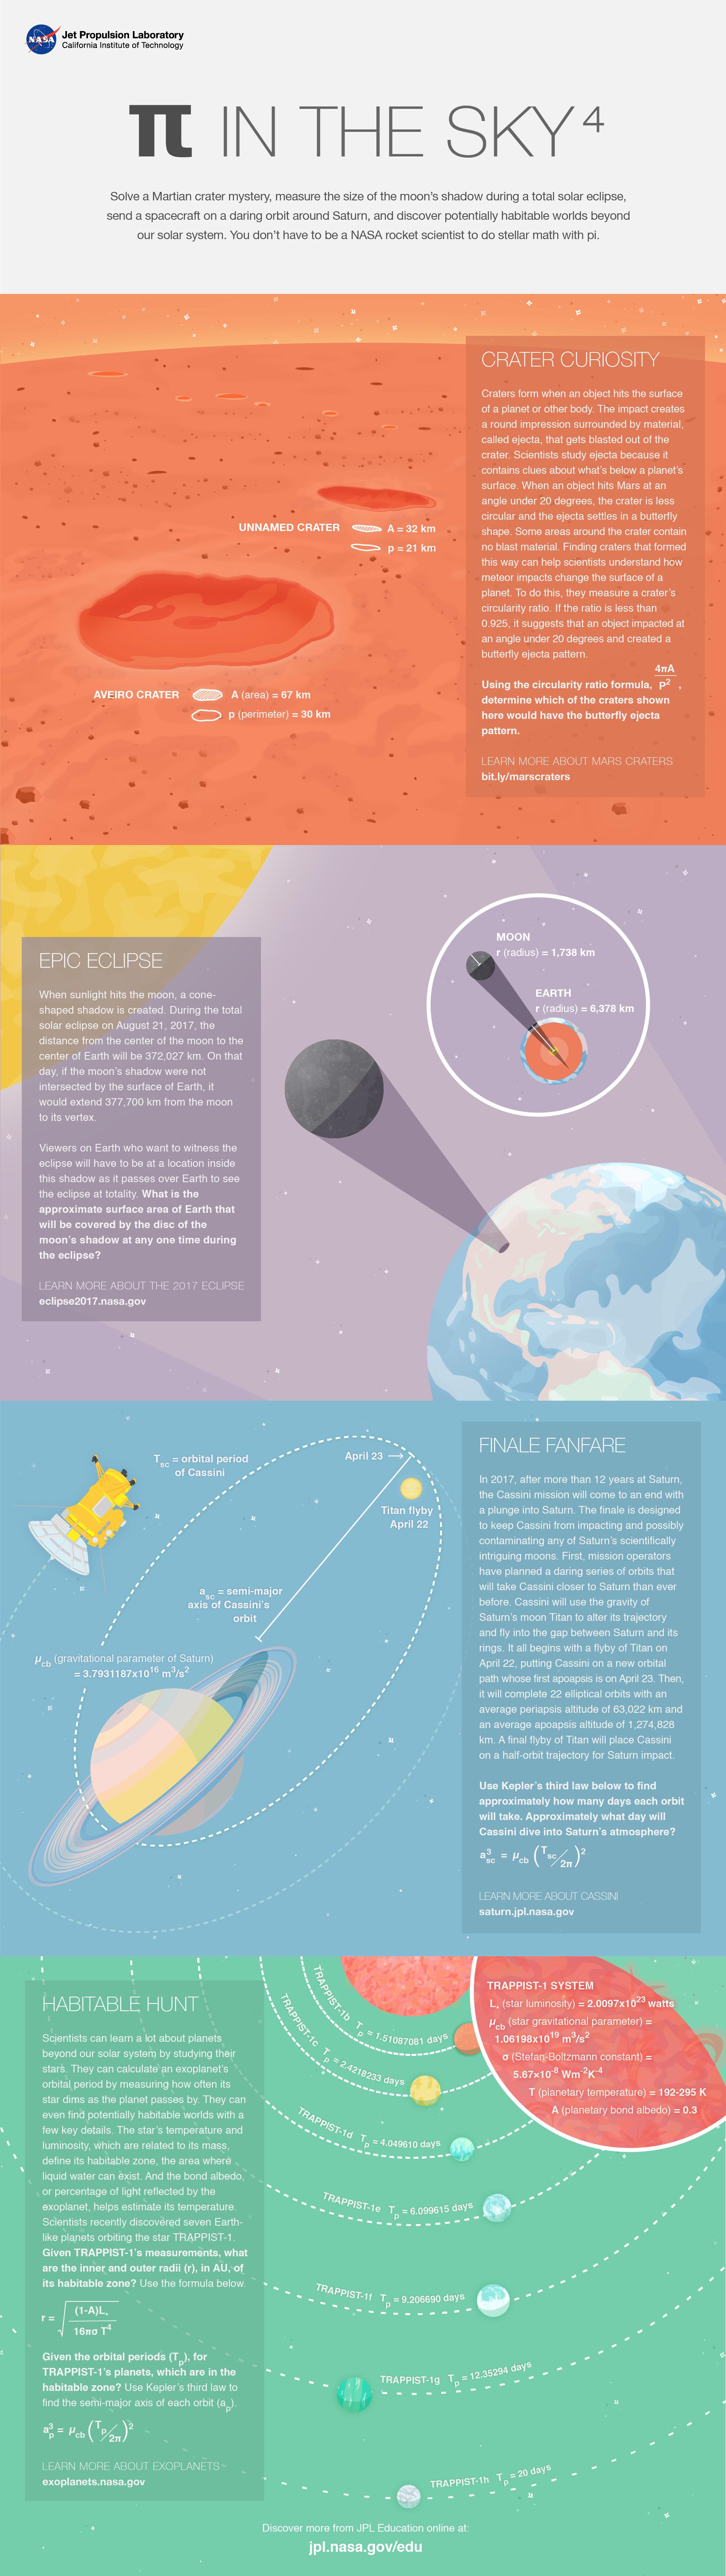 Pi in the Sky 4 - NASA Pi Day Challenge 2017